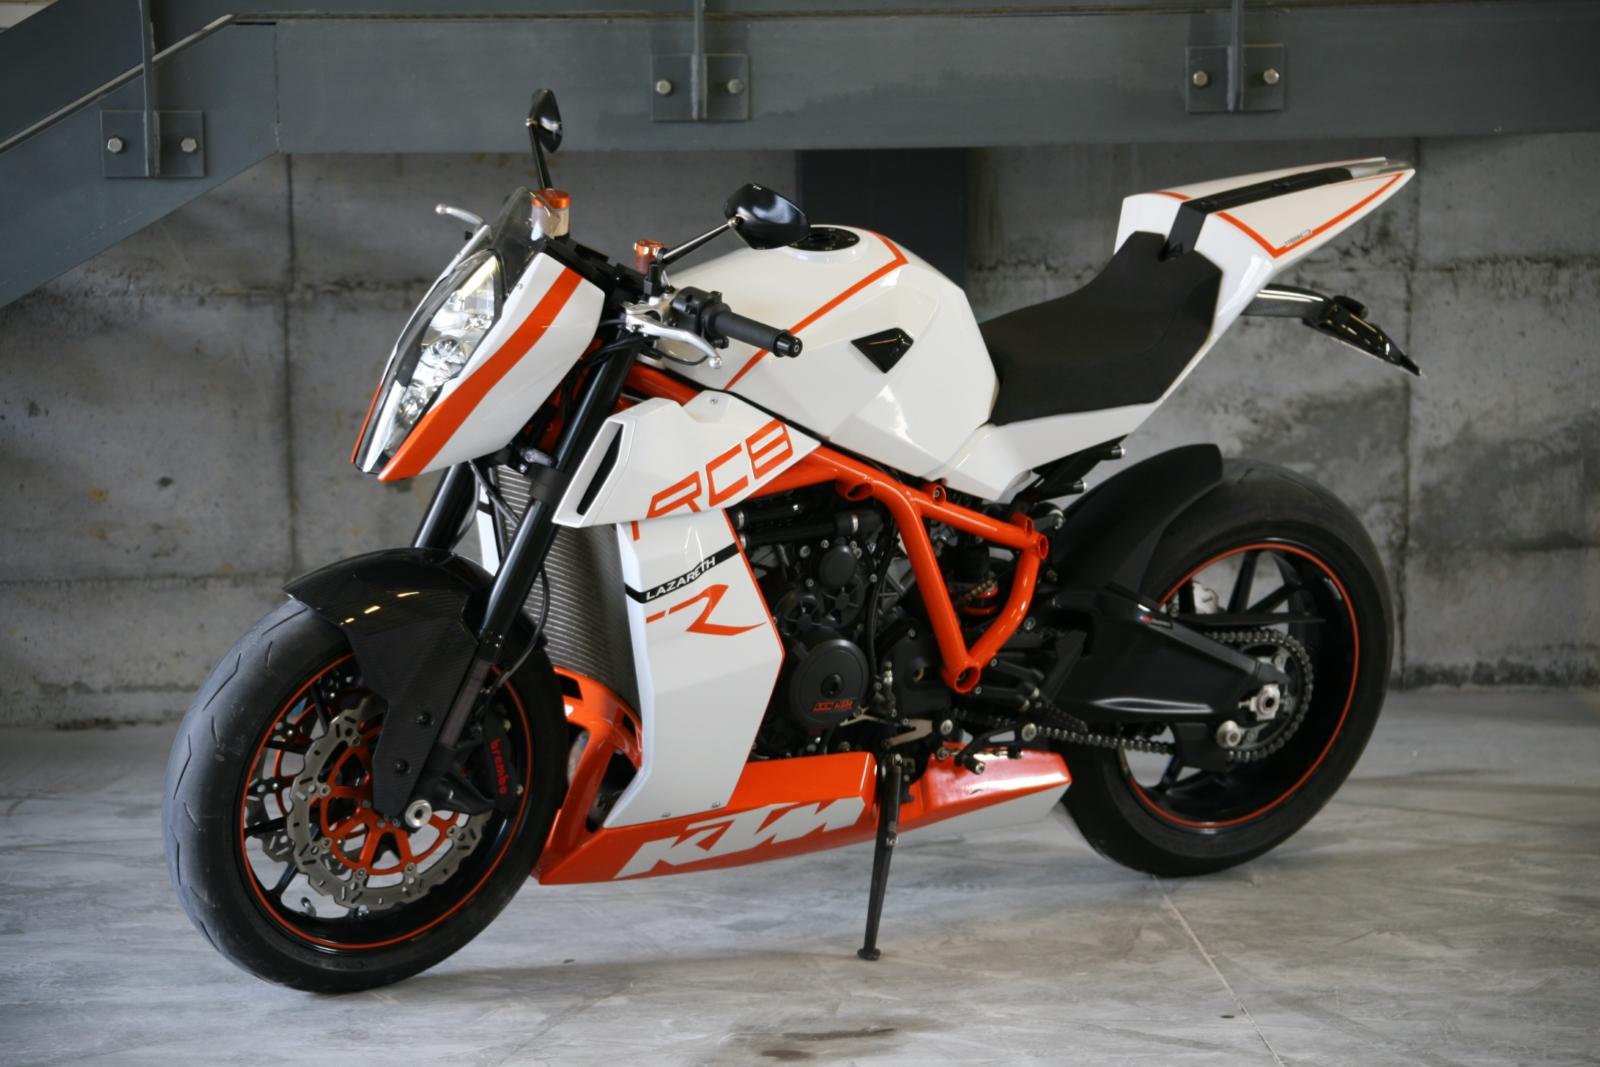 125 pit bike wiring diagram racing caf   ktm rc8 r  naked  by lazareth  racing caf   ktm rc8 r  naked  by lazareth